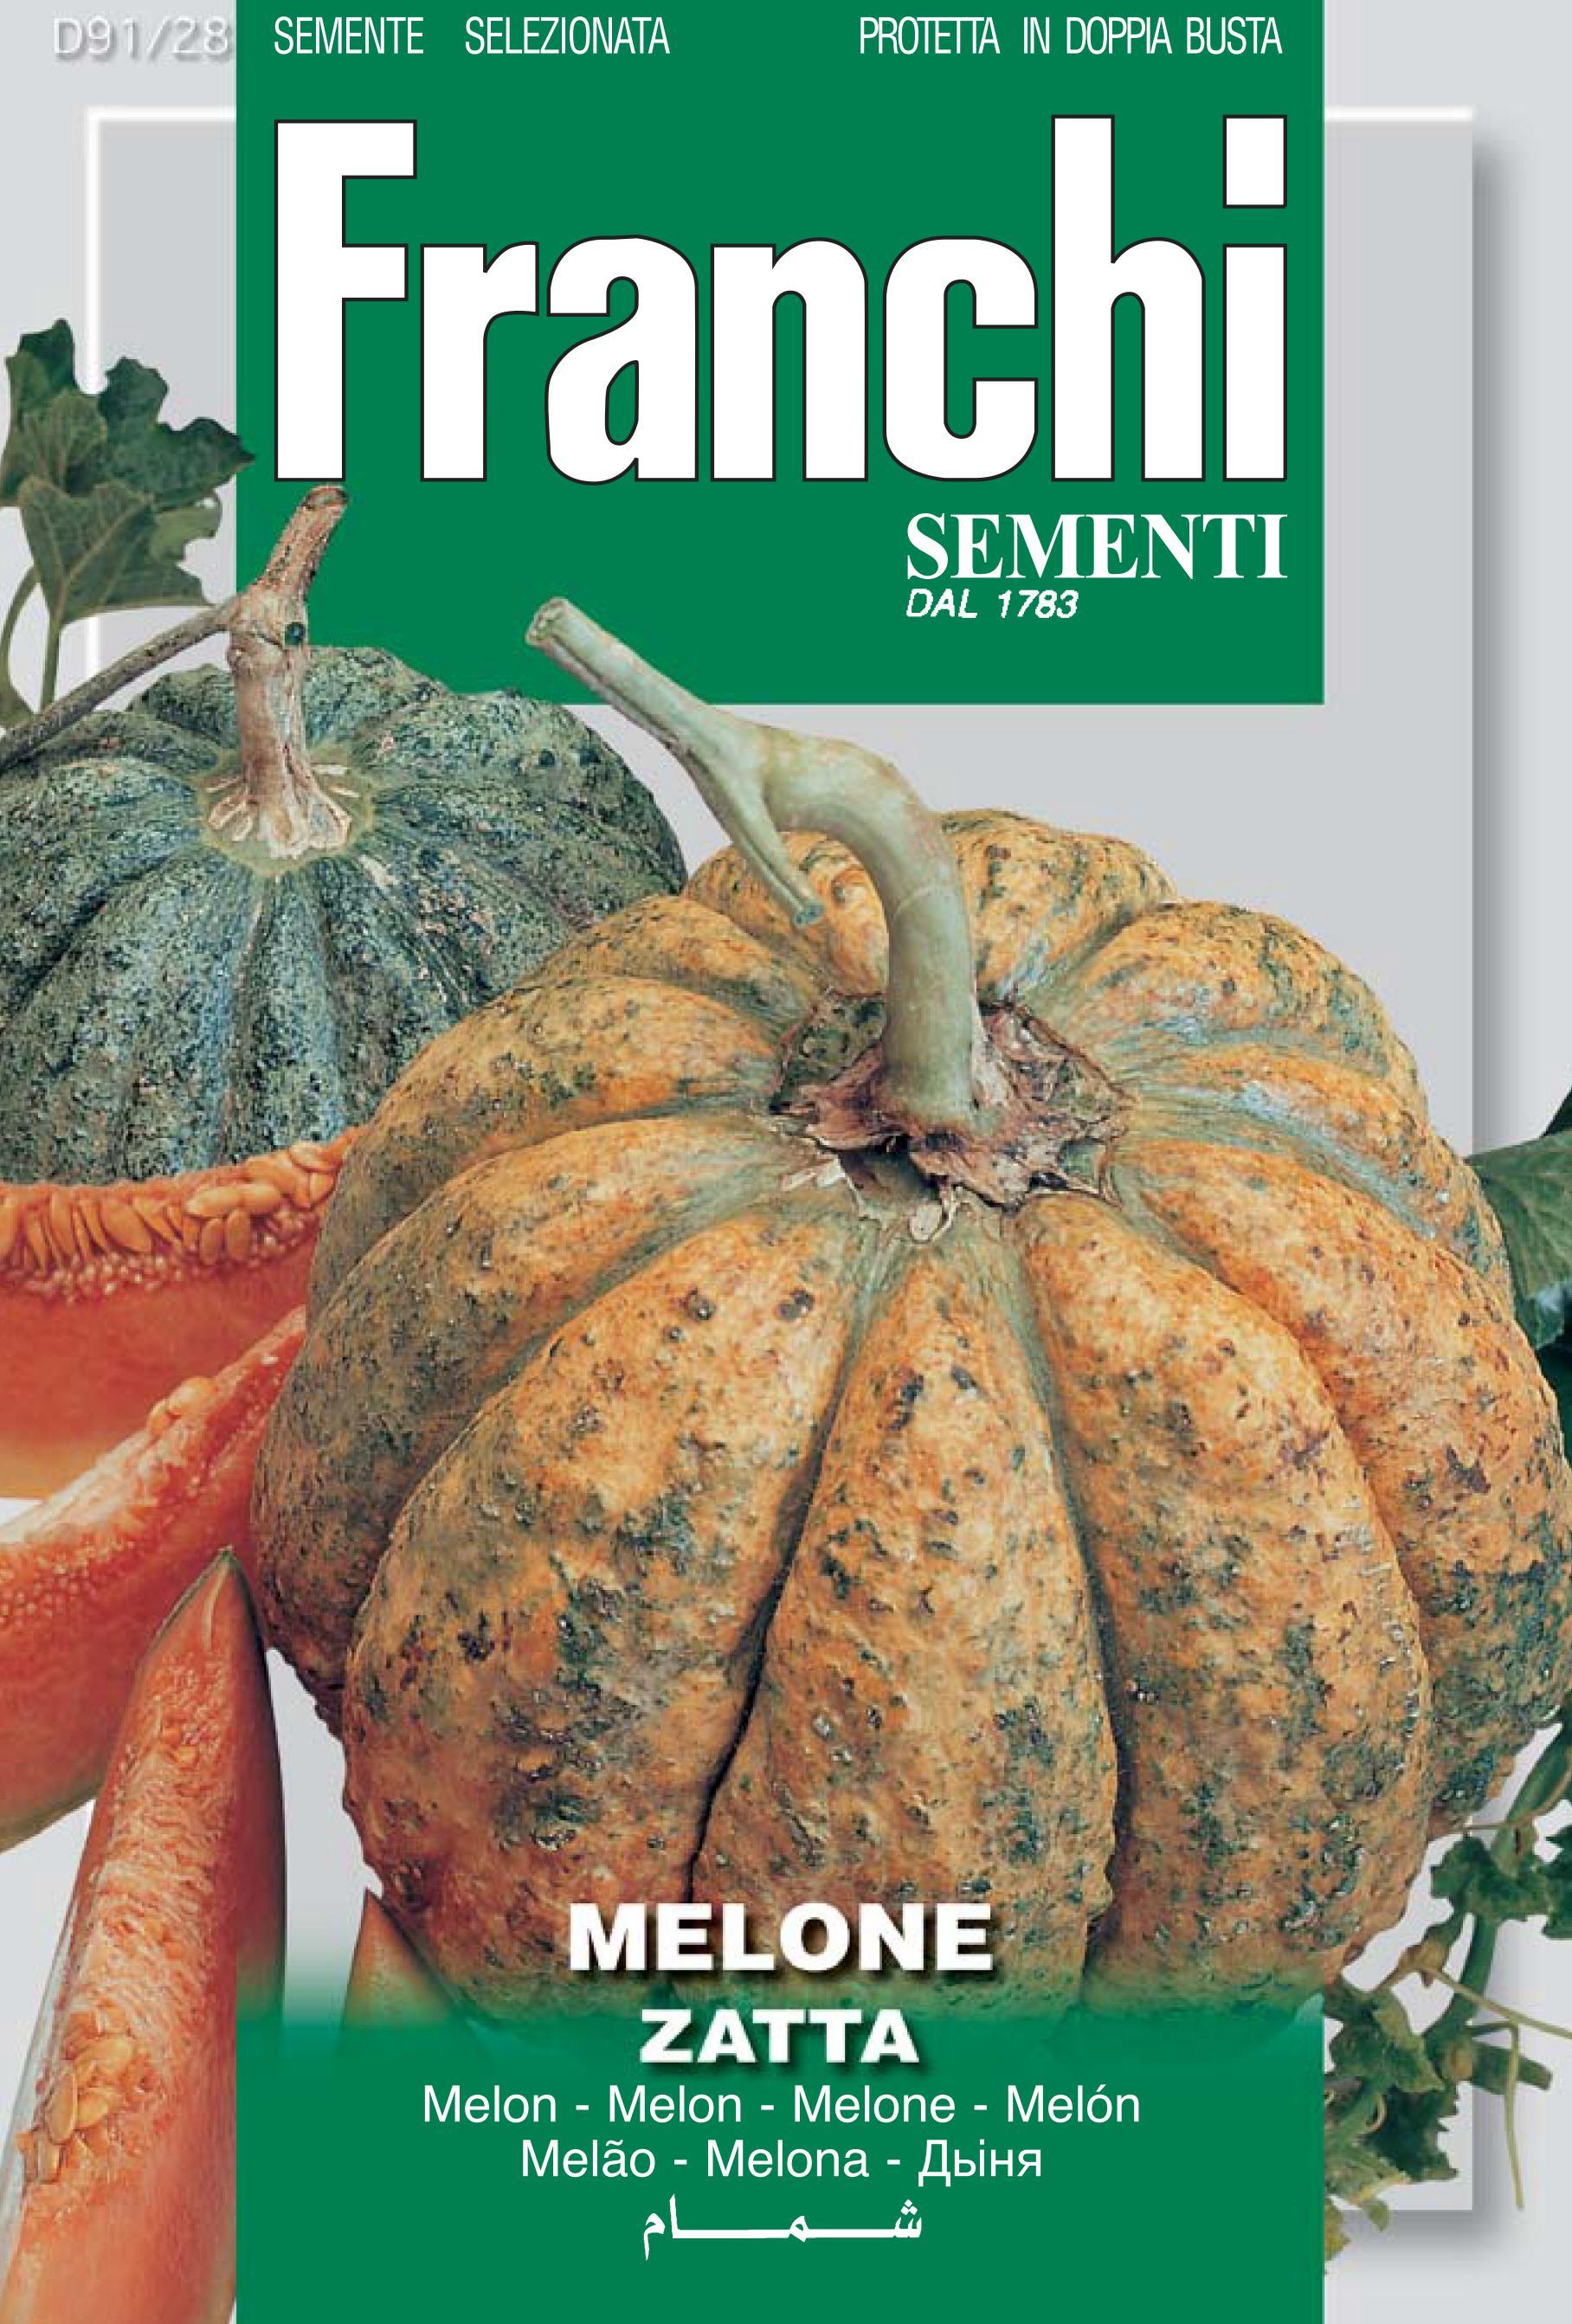 Melon Zatta